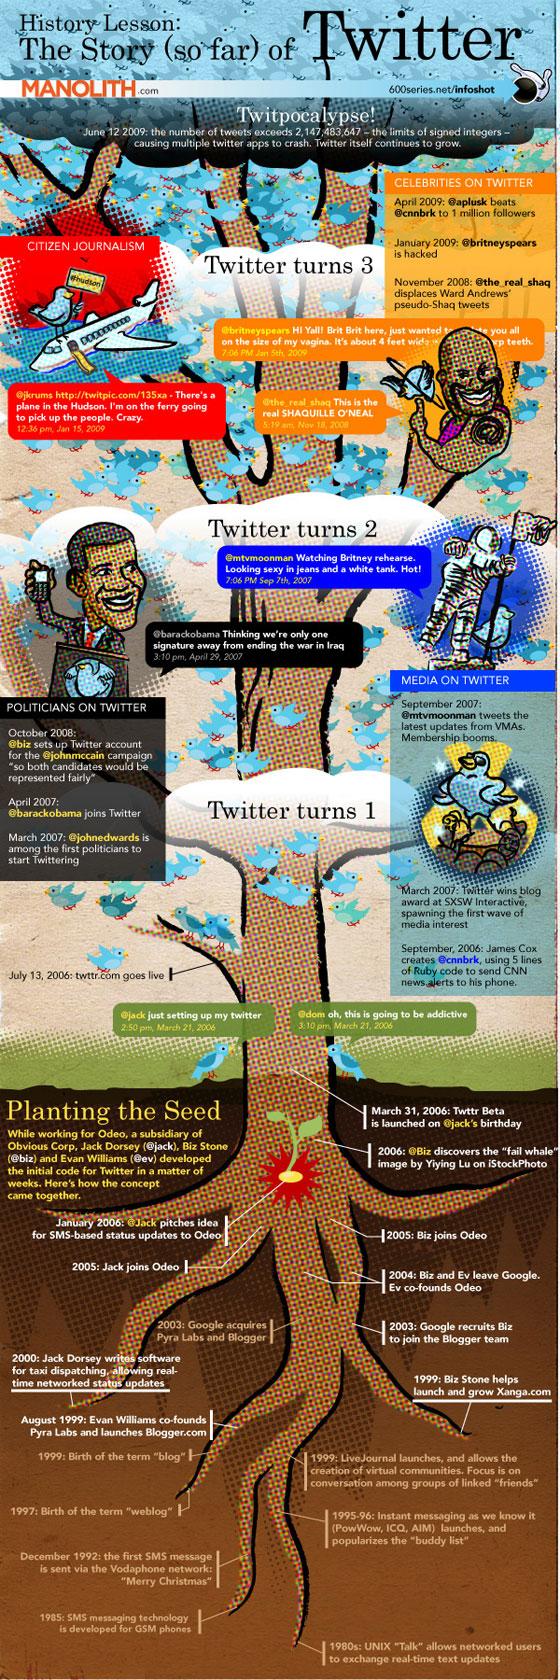 histoire-Twitter